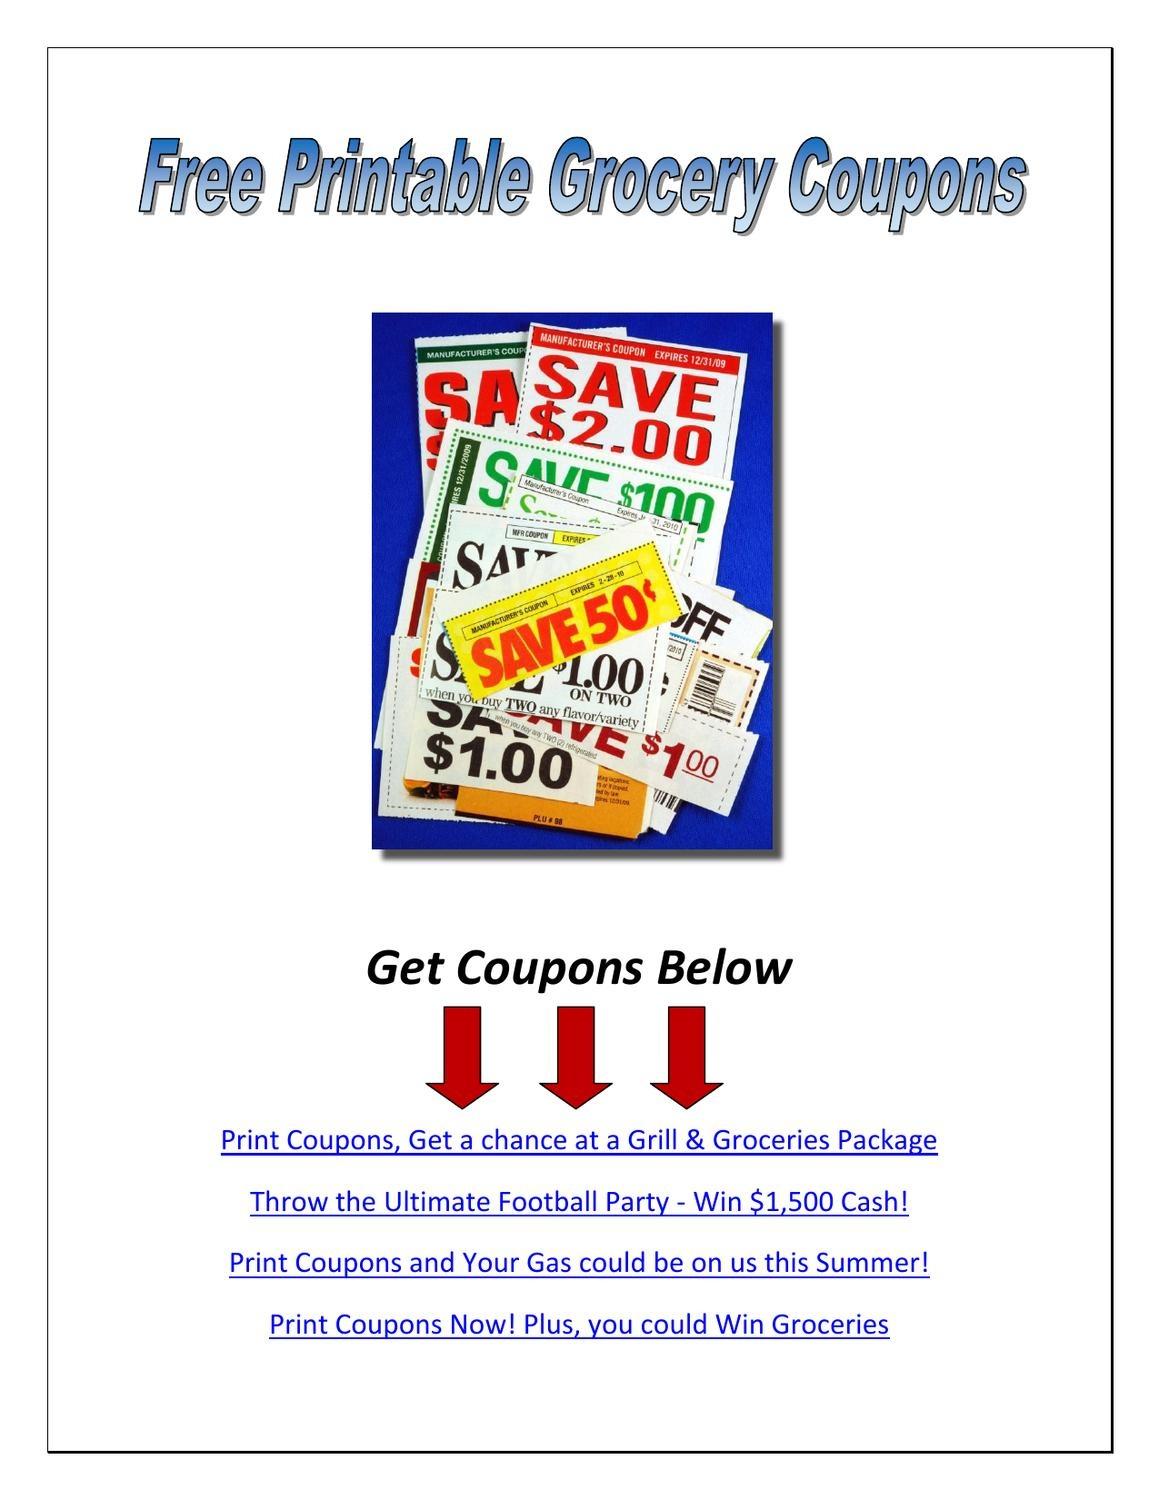 Free Printable Grocery Couponsdavid Wabasse - Issuu - Manufacturer Coupons Free Printable Groceries